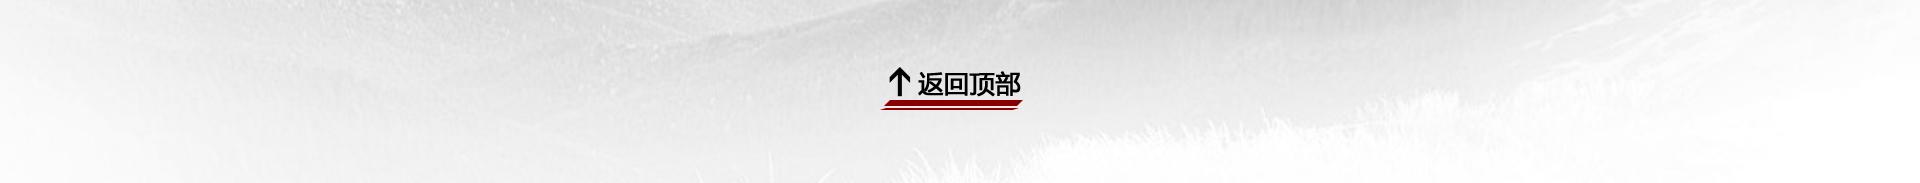 品牌亚博足彩app苹果版亚博体育苹果官方下载排行榜